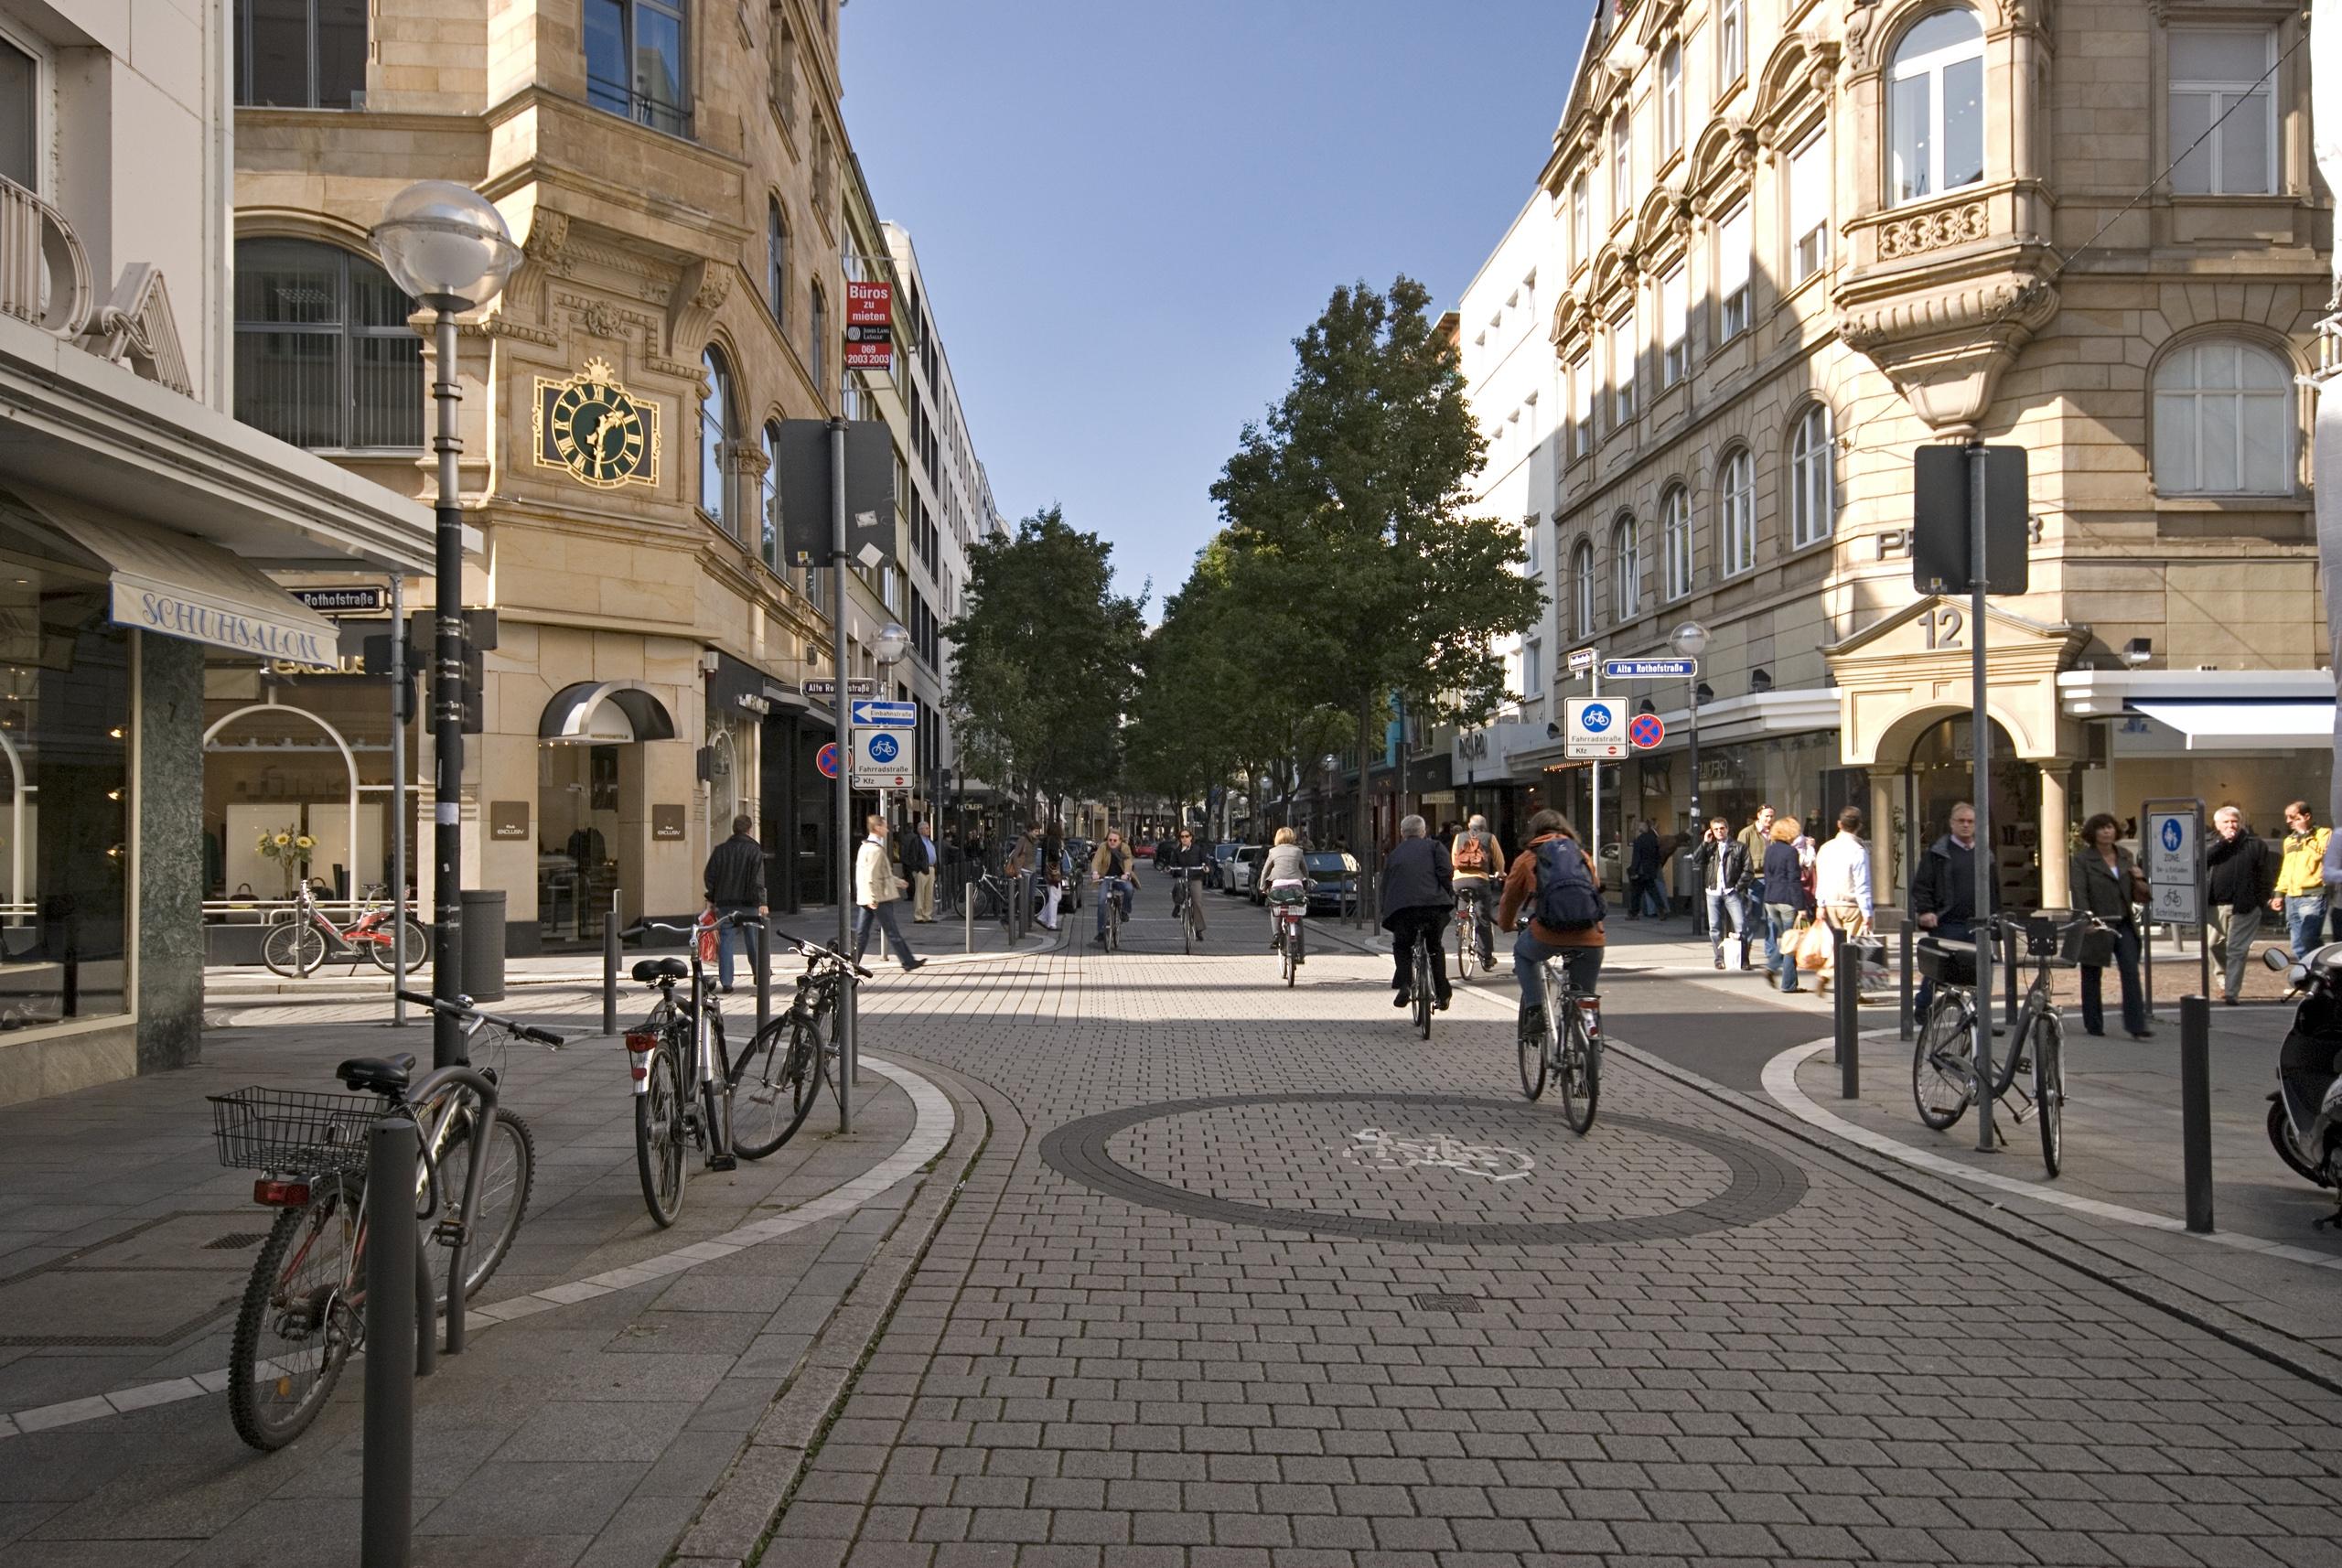 المانيا فرانكفورت اهم اماكن التسوق والمطاعم شارع غوته شتراسه